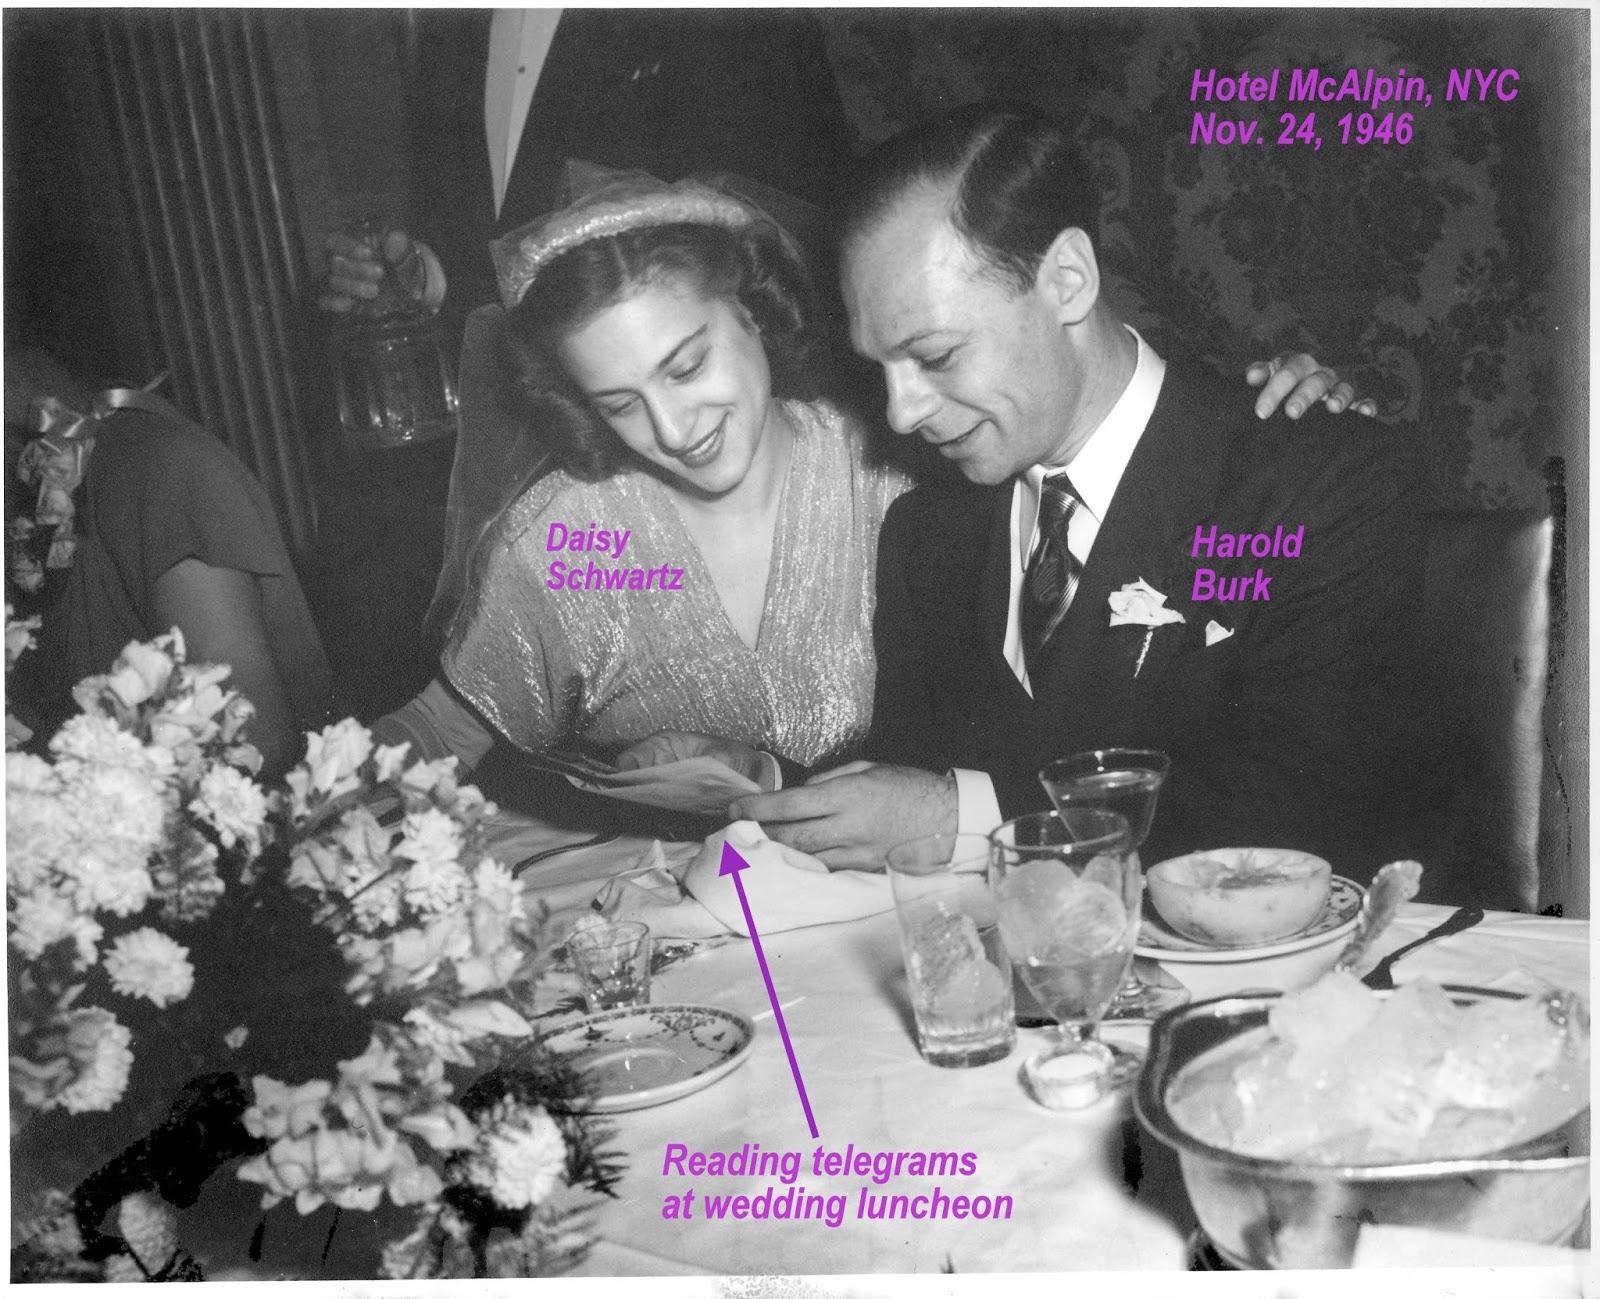 Reading telegrams at wedding